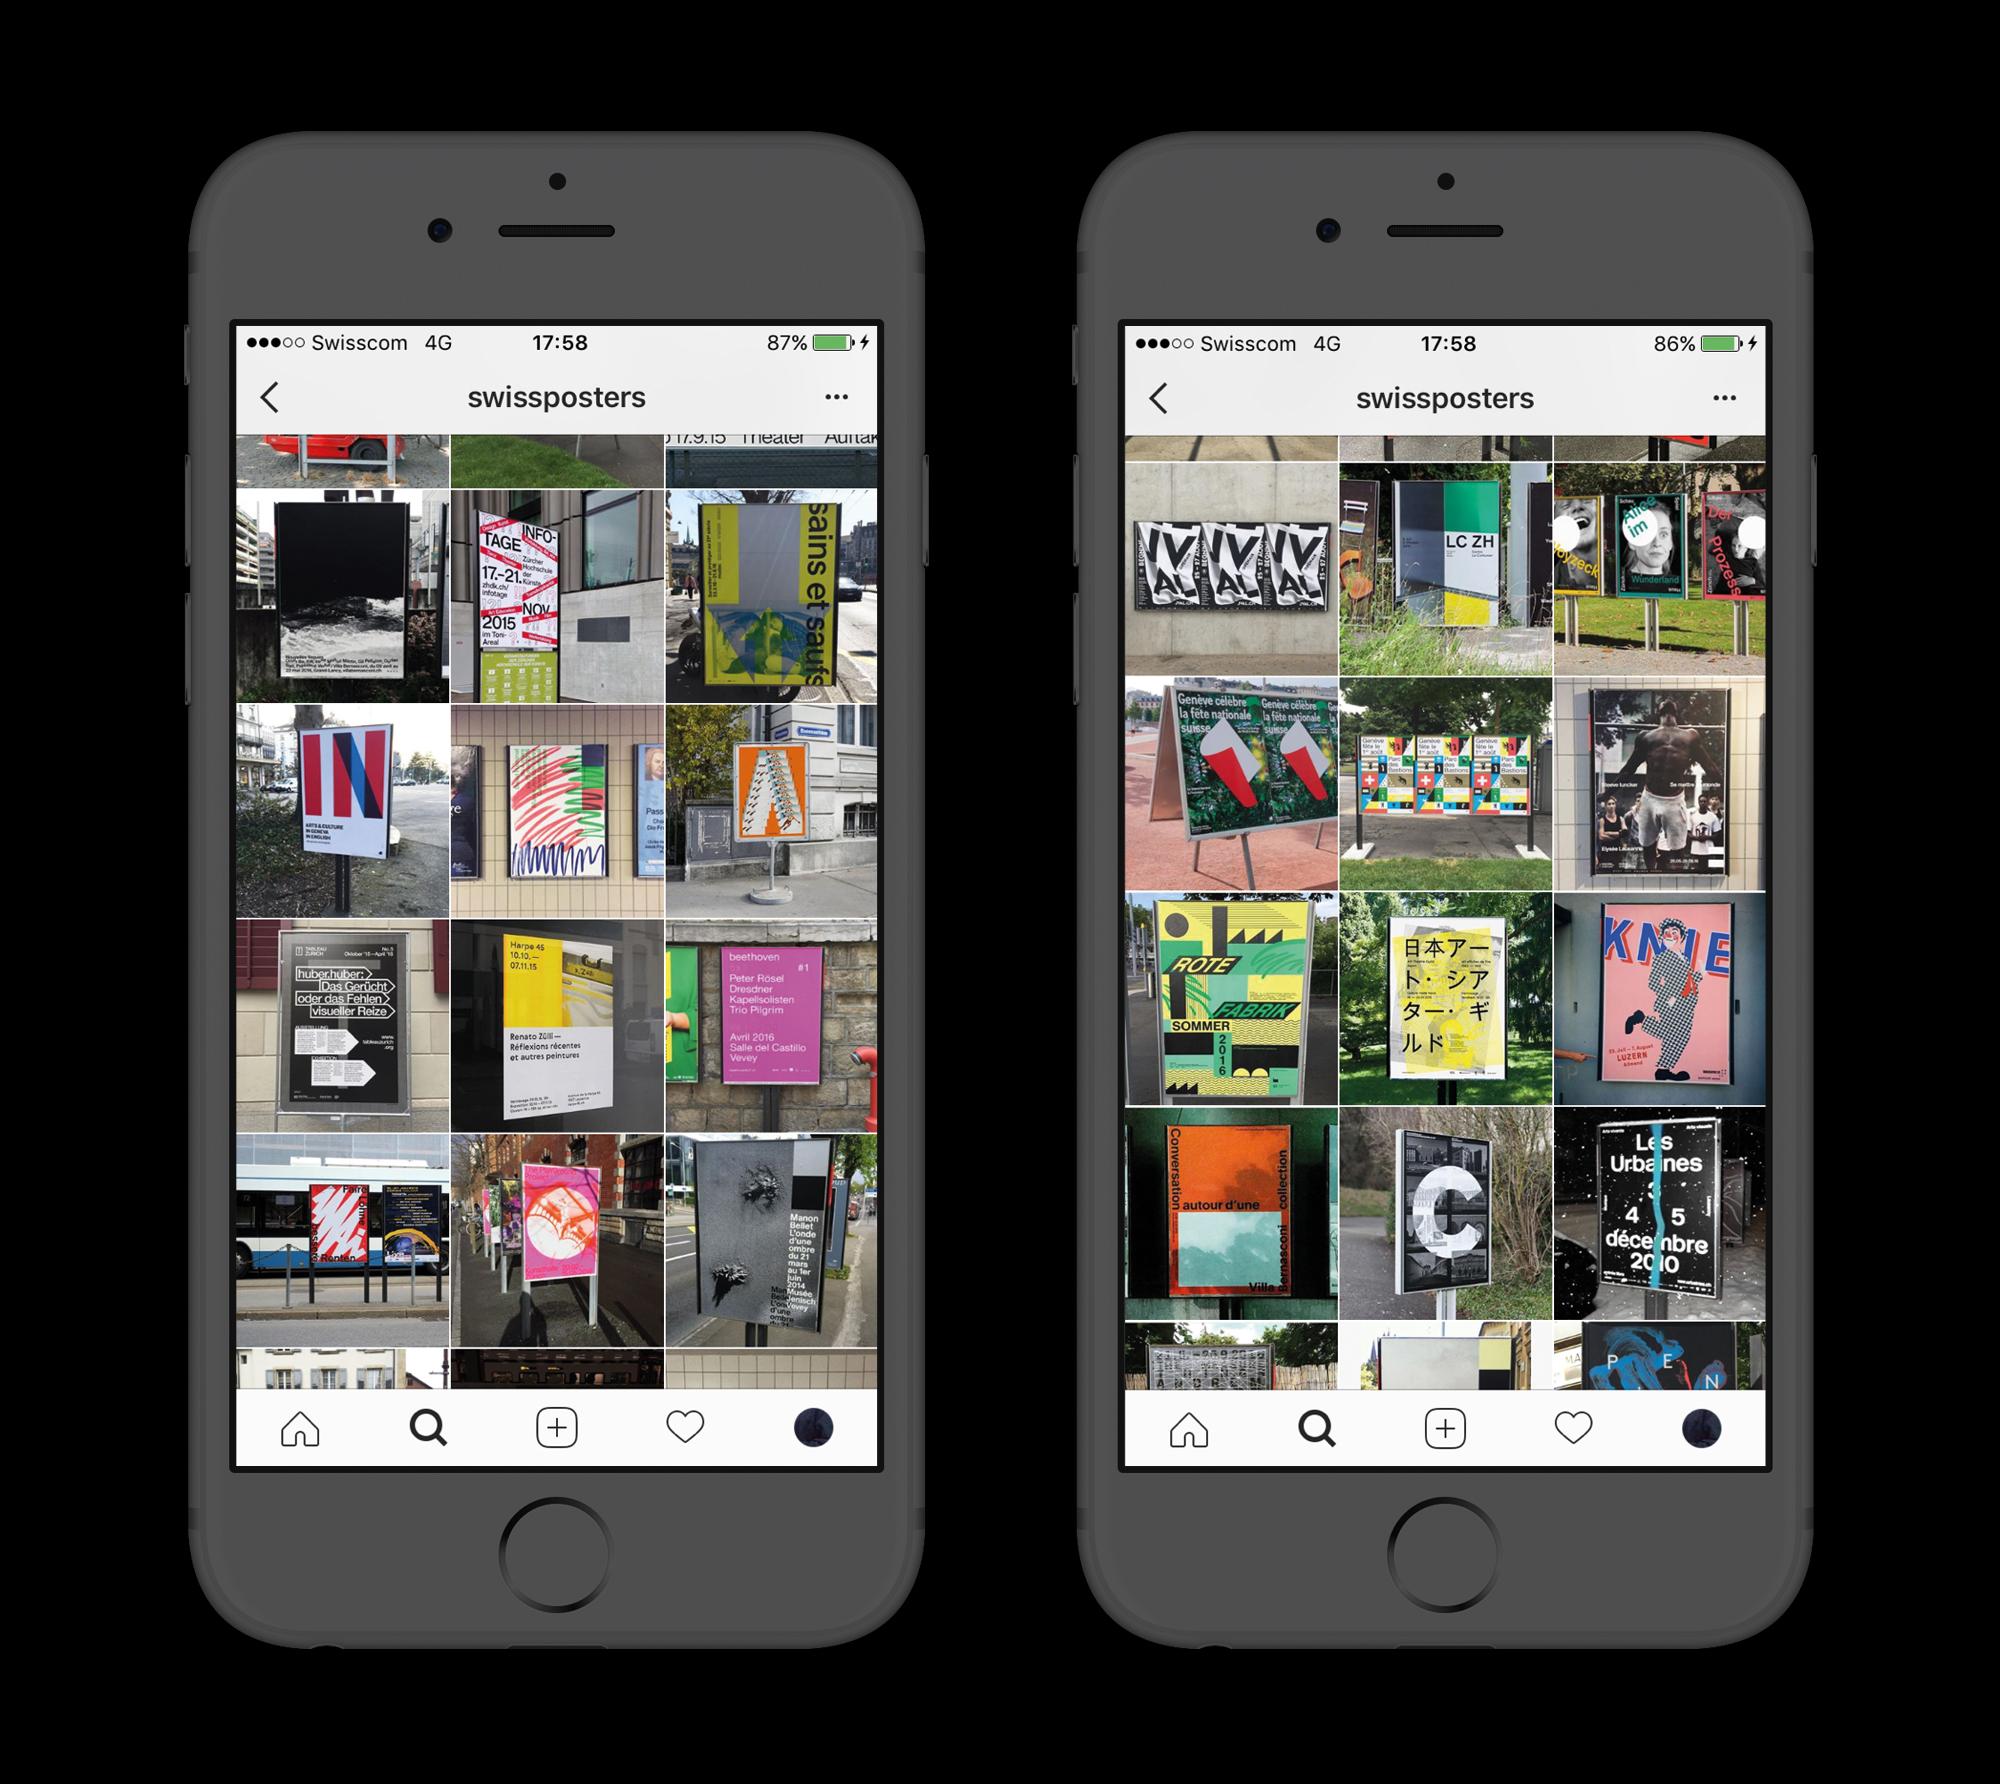 swissposters_dennis_moya_smartphones